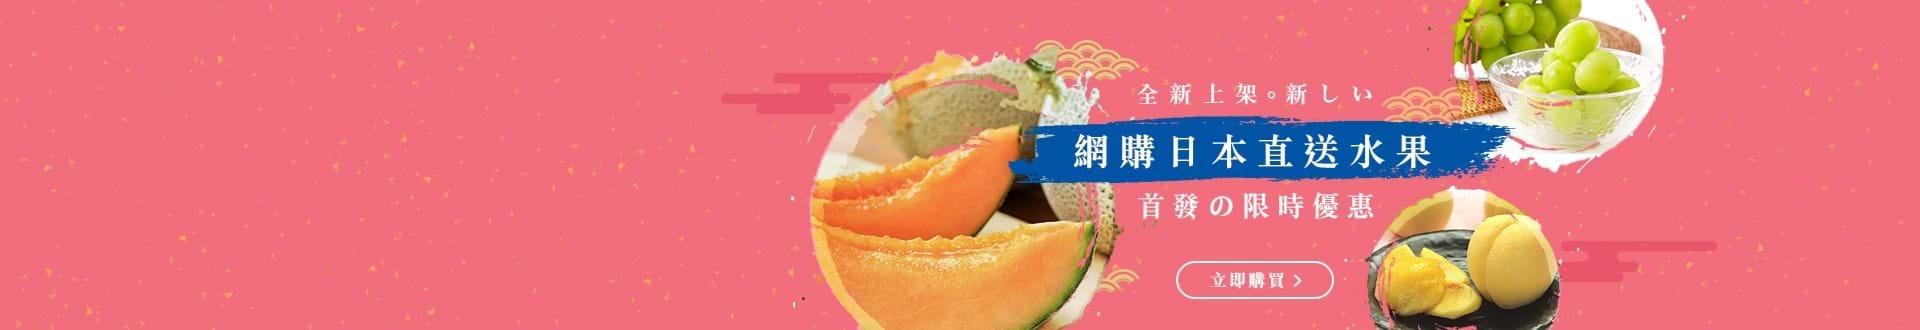 8Aug_FruitLaunch